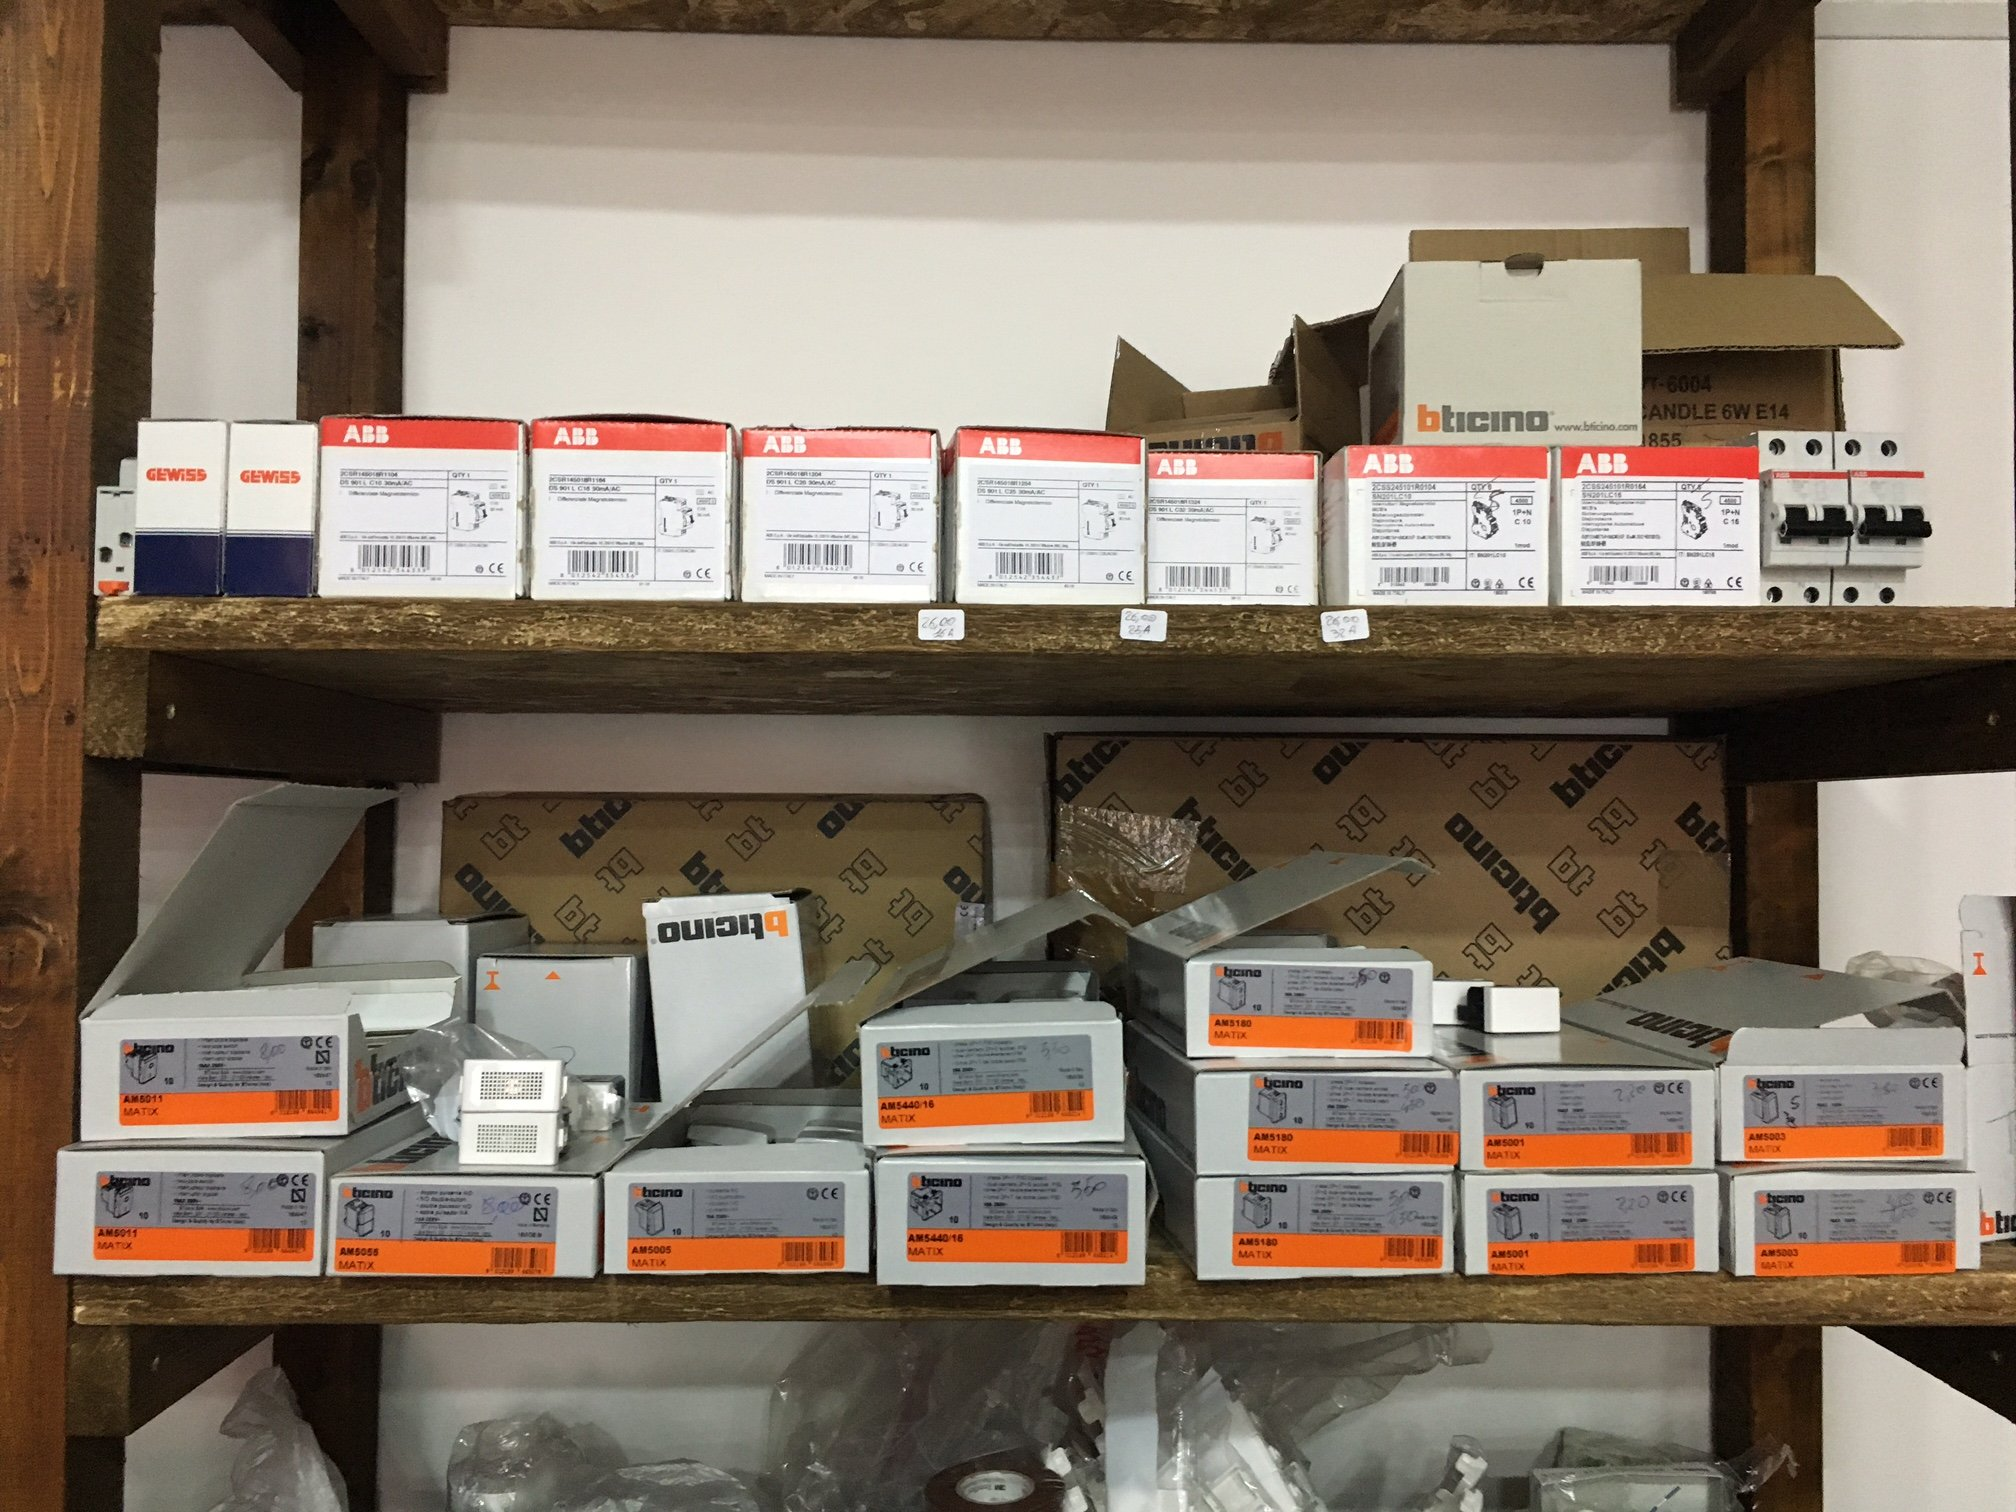 delle scatolette contenenti degli interruttori in uno scaffale